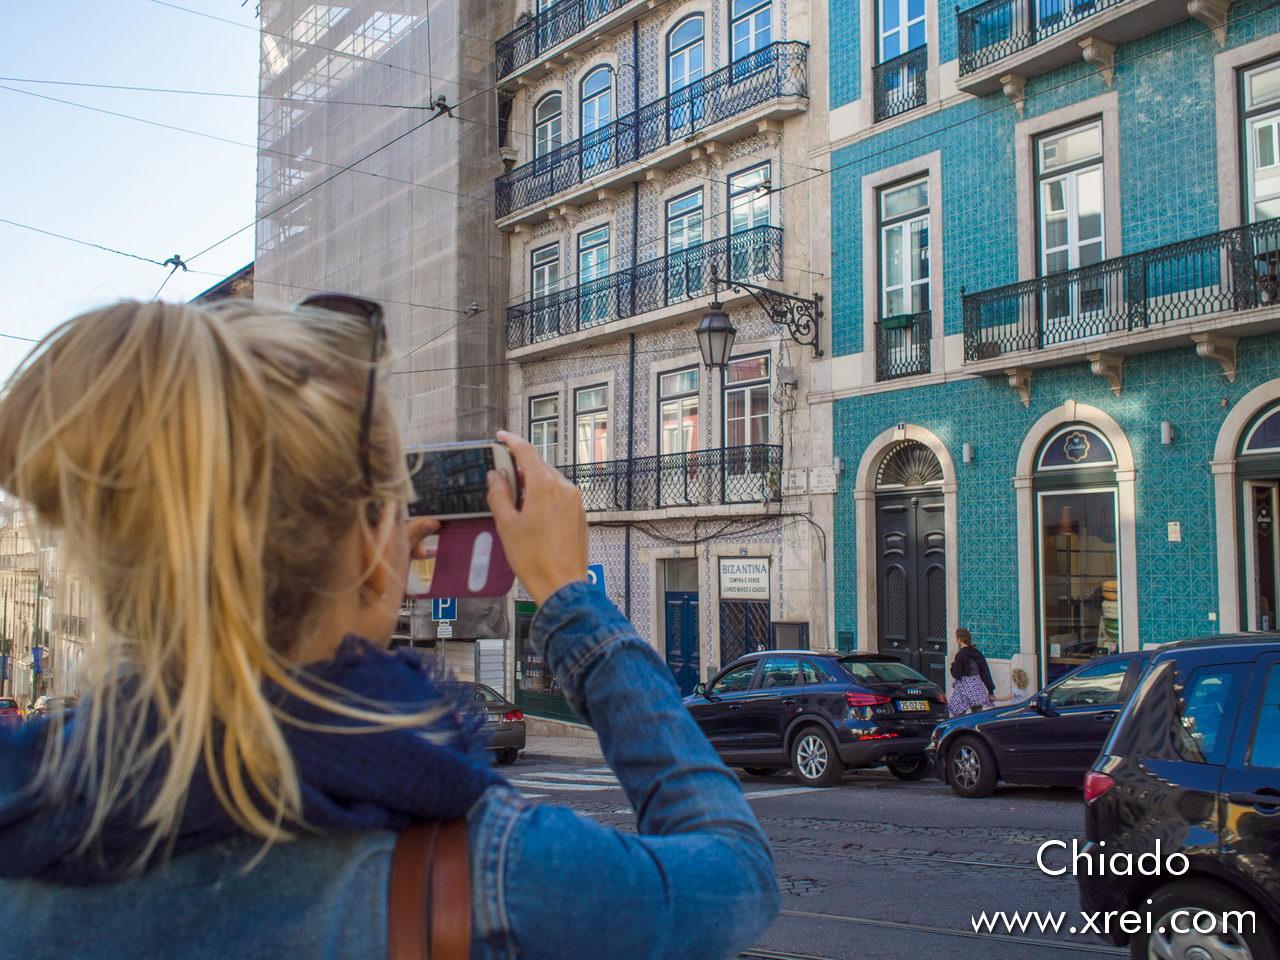 Historic buildings in Chiado